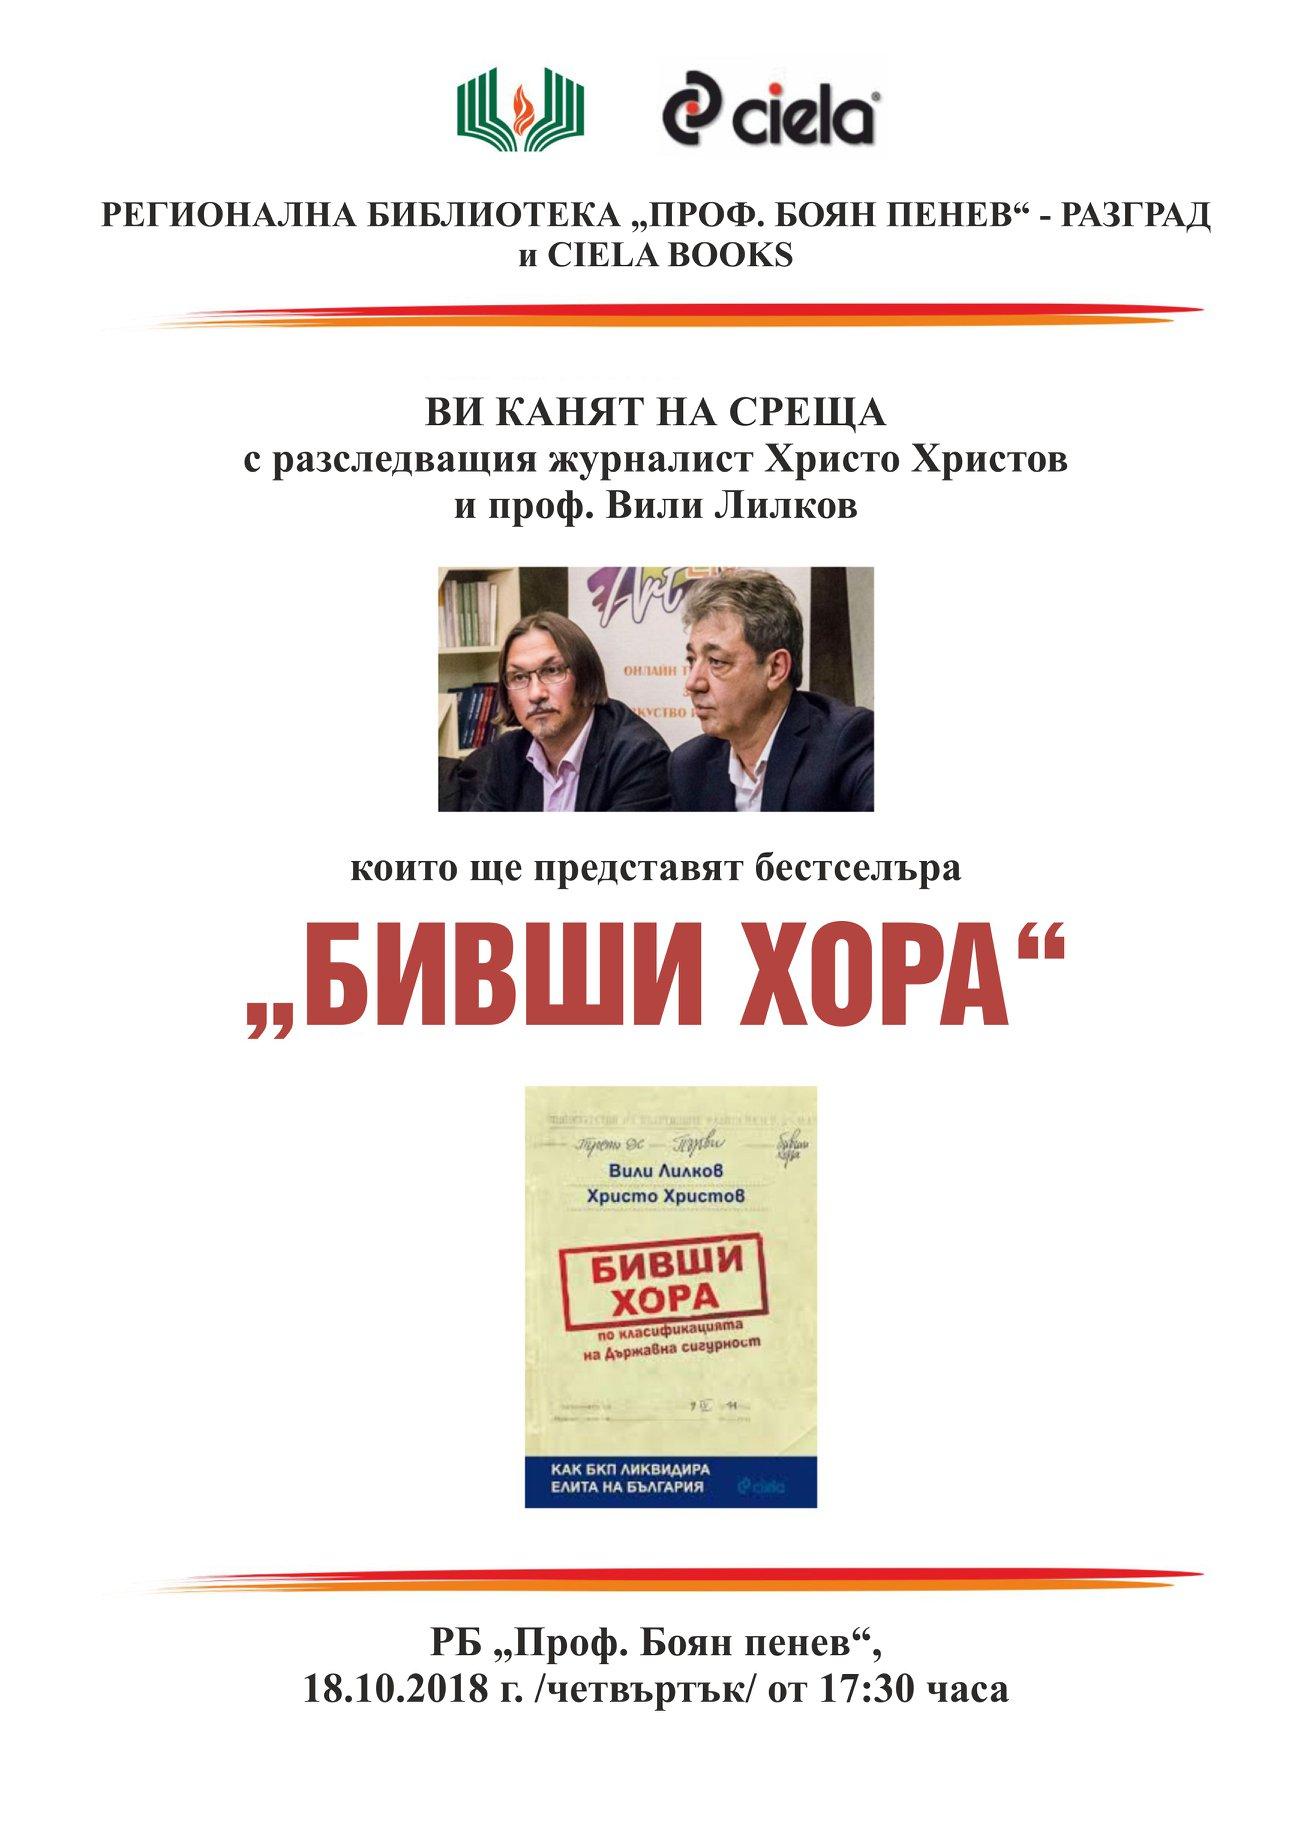 Проф. Вили Лилков и Христо Христов представят бестселъ ...